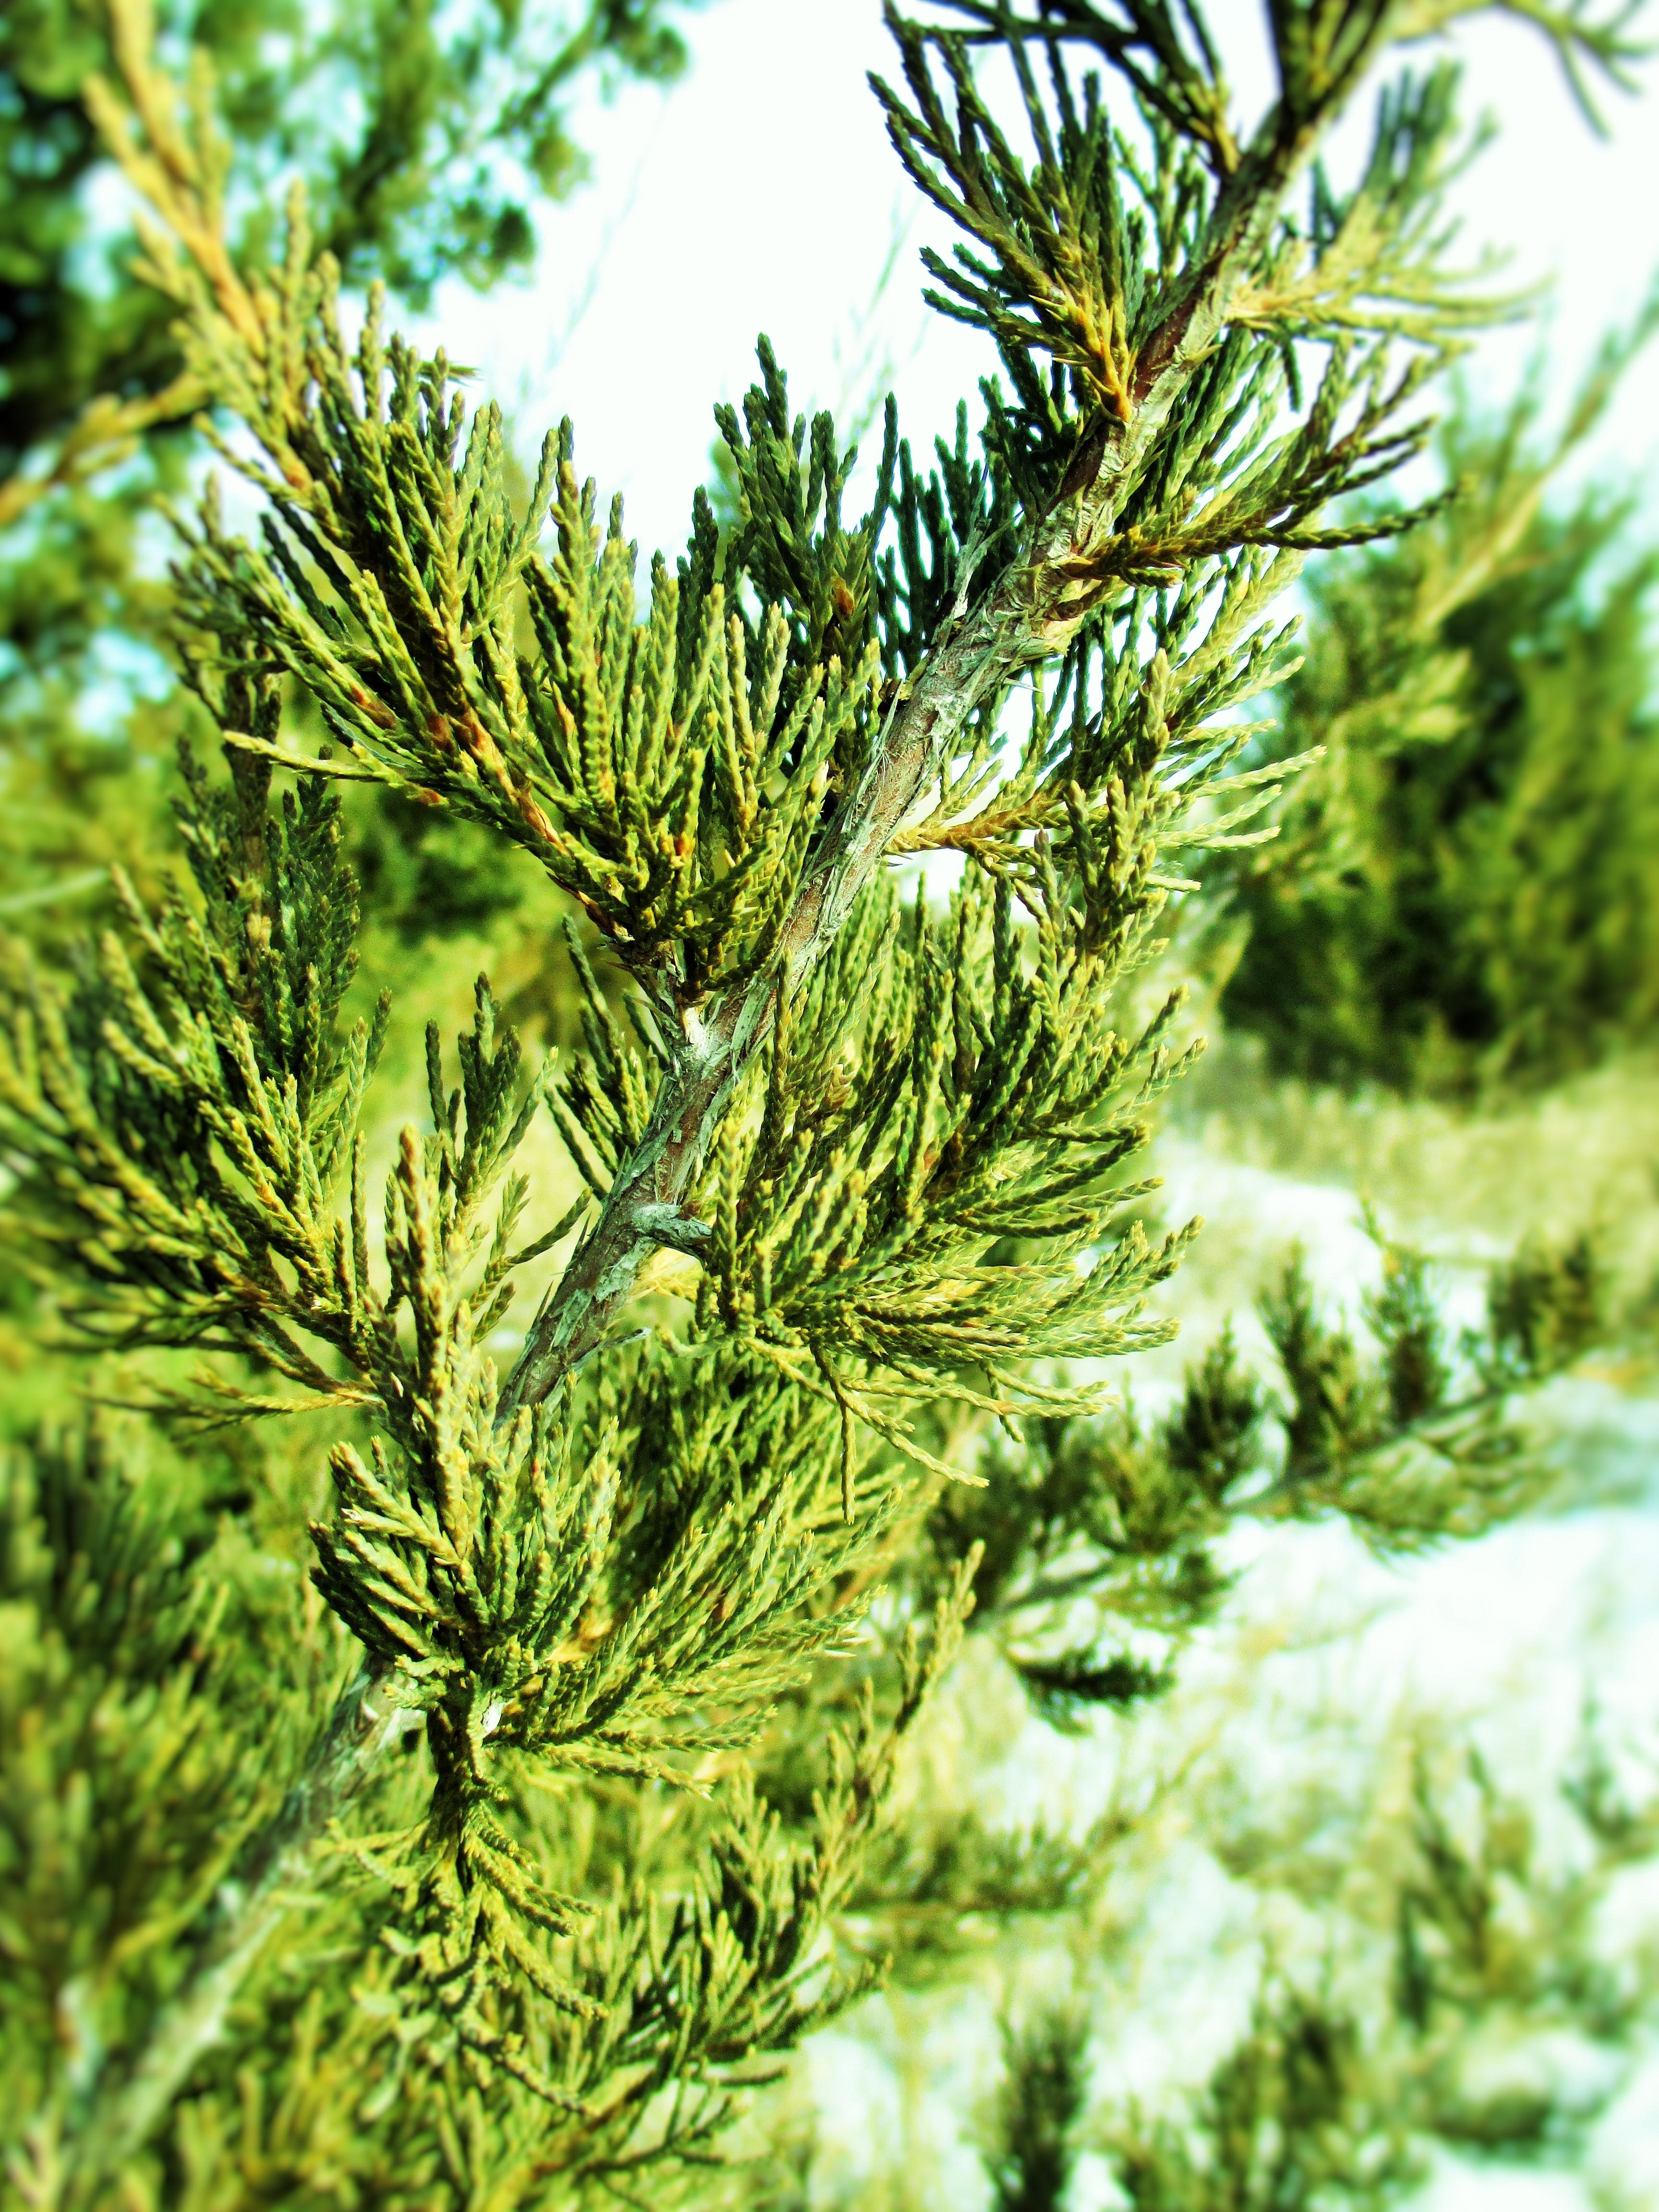 Eastern Red Cedar ~ Medicinal uses of eastern red cedar deer nation herbs